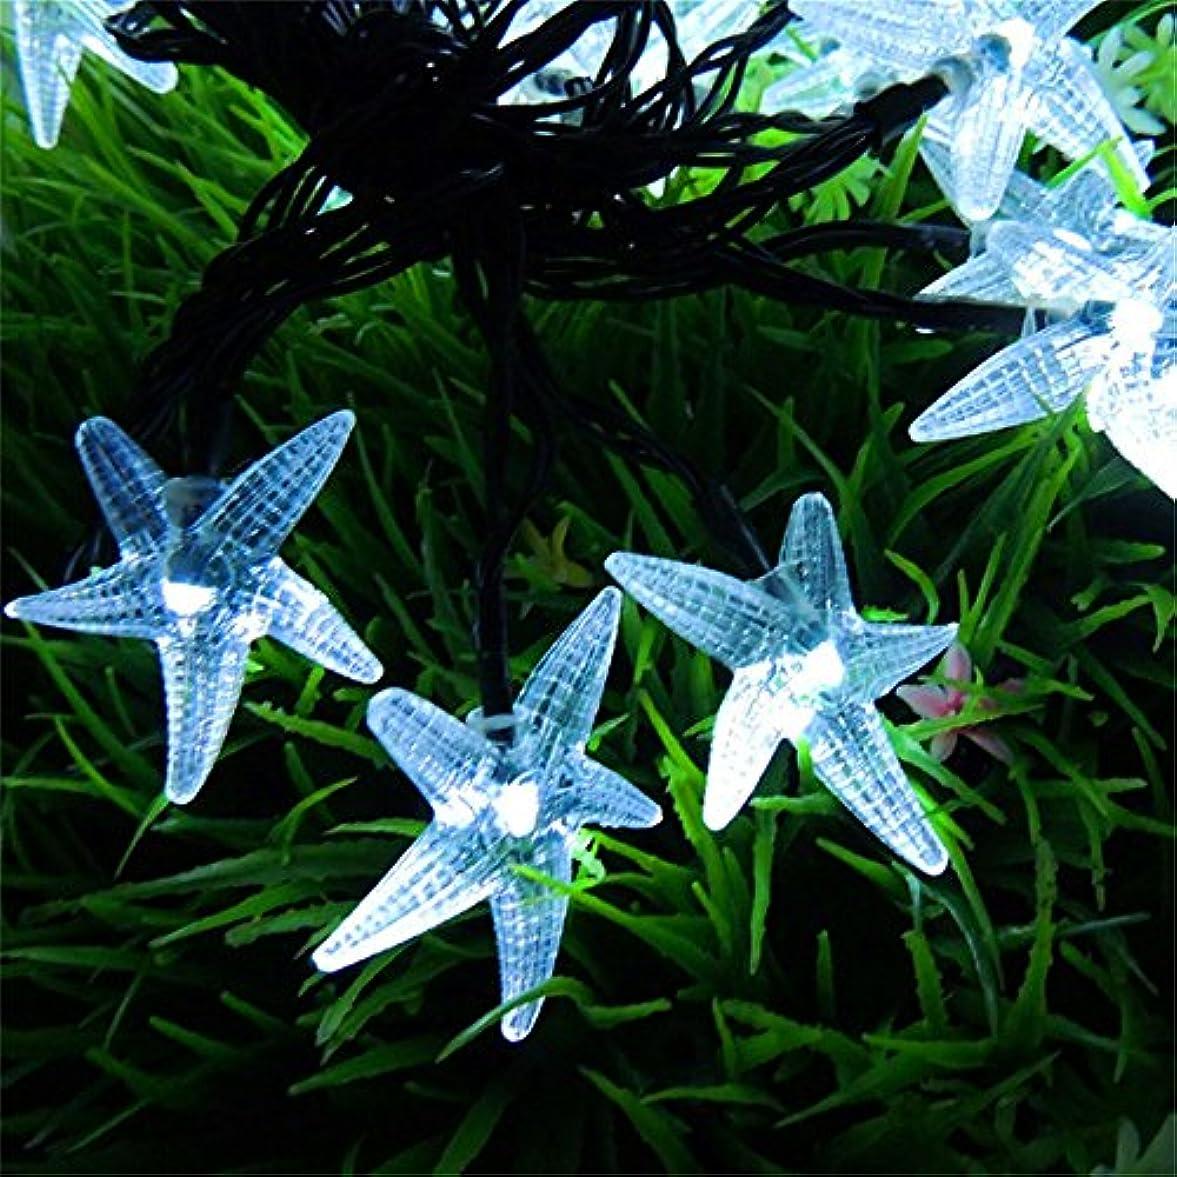 エンゲージメント貨物ペレグリネーションソーラーストリングライト、SIMPLE DO LEDライト イルミネーション クリスマス パーティー 防水 省エネ 環境に優しい 使いやすい カラフル(ホワイト)